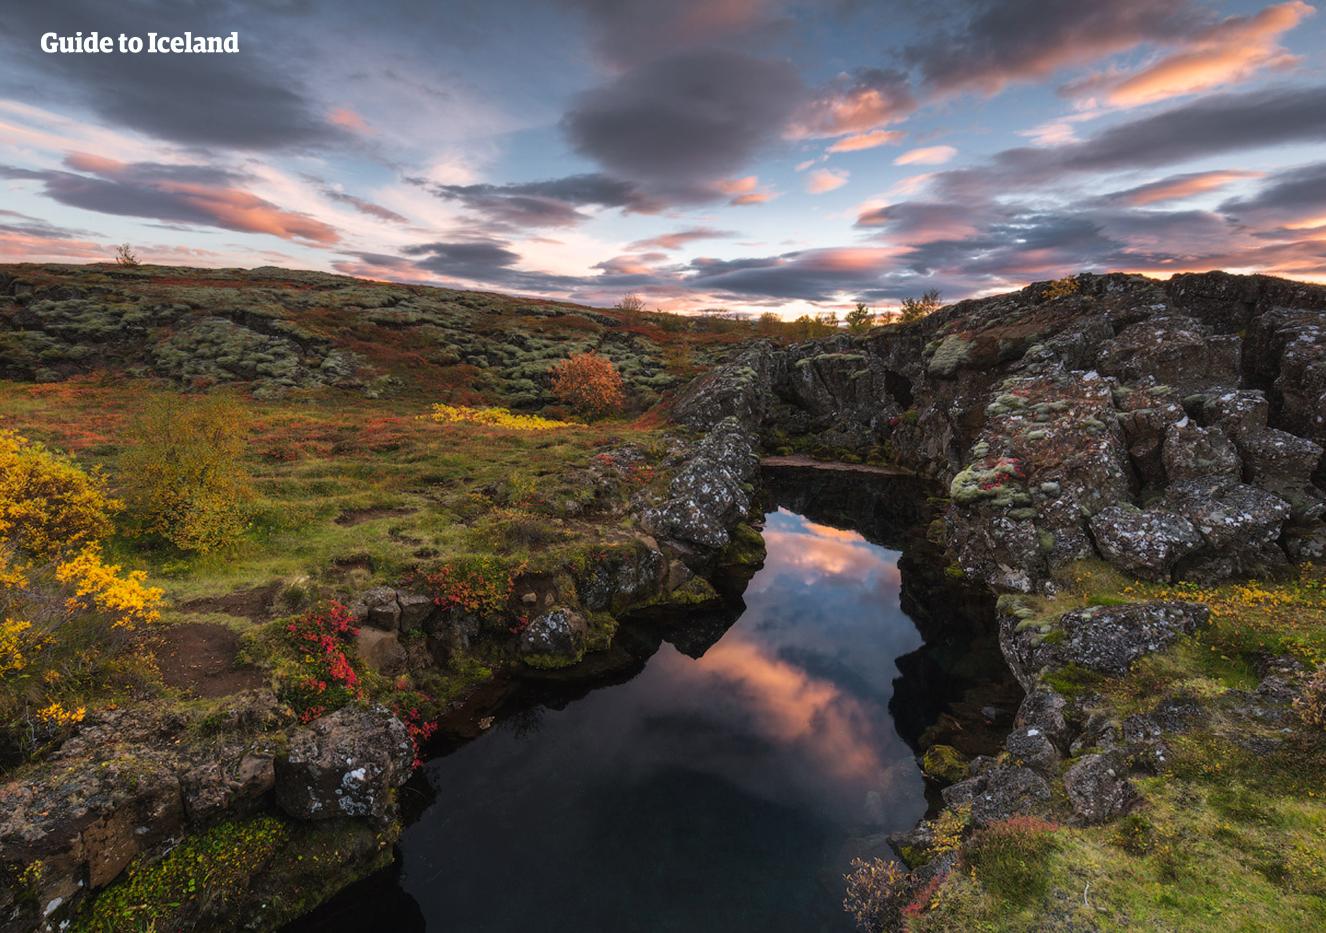 13-dniowa budżetowa, samodzielna wycieczka po całej obwodnicy Islandii z wodospadami i Fiordami Zachodnimi